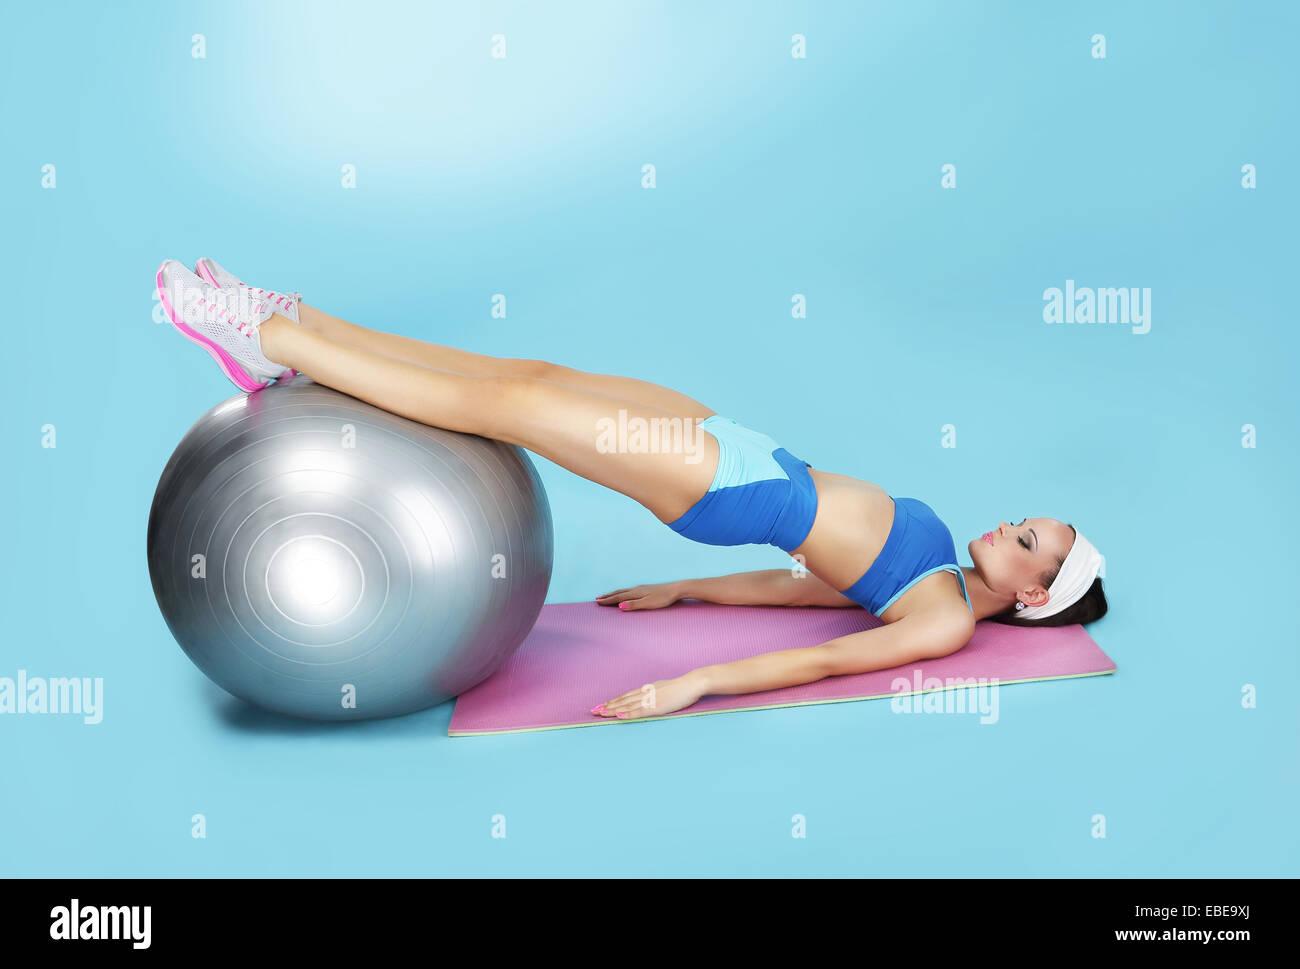 Addominali esercizio. Sportivo da donna con palla Fitness Immagini Stock